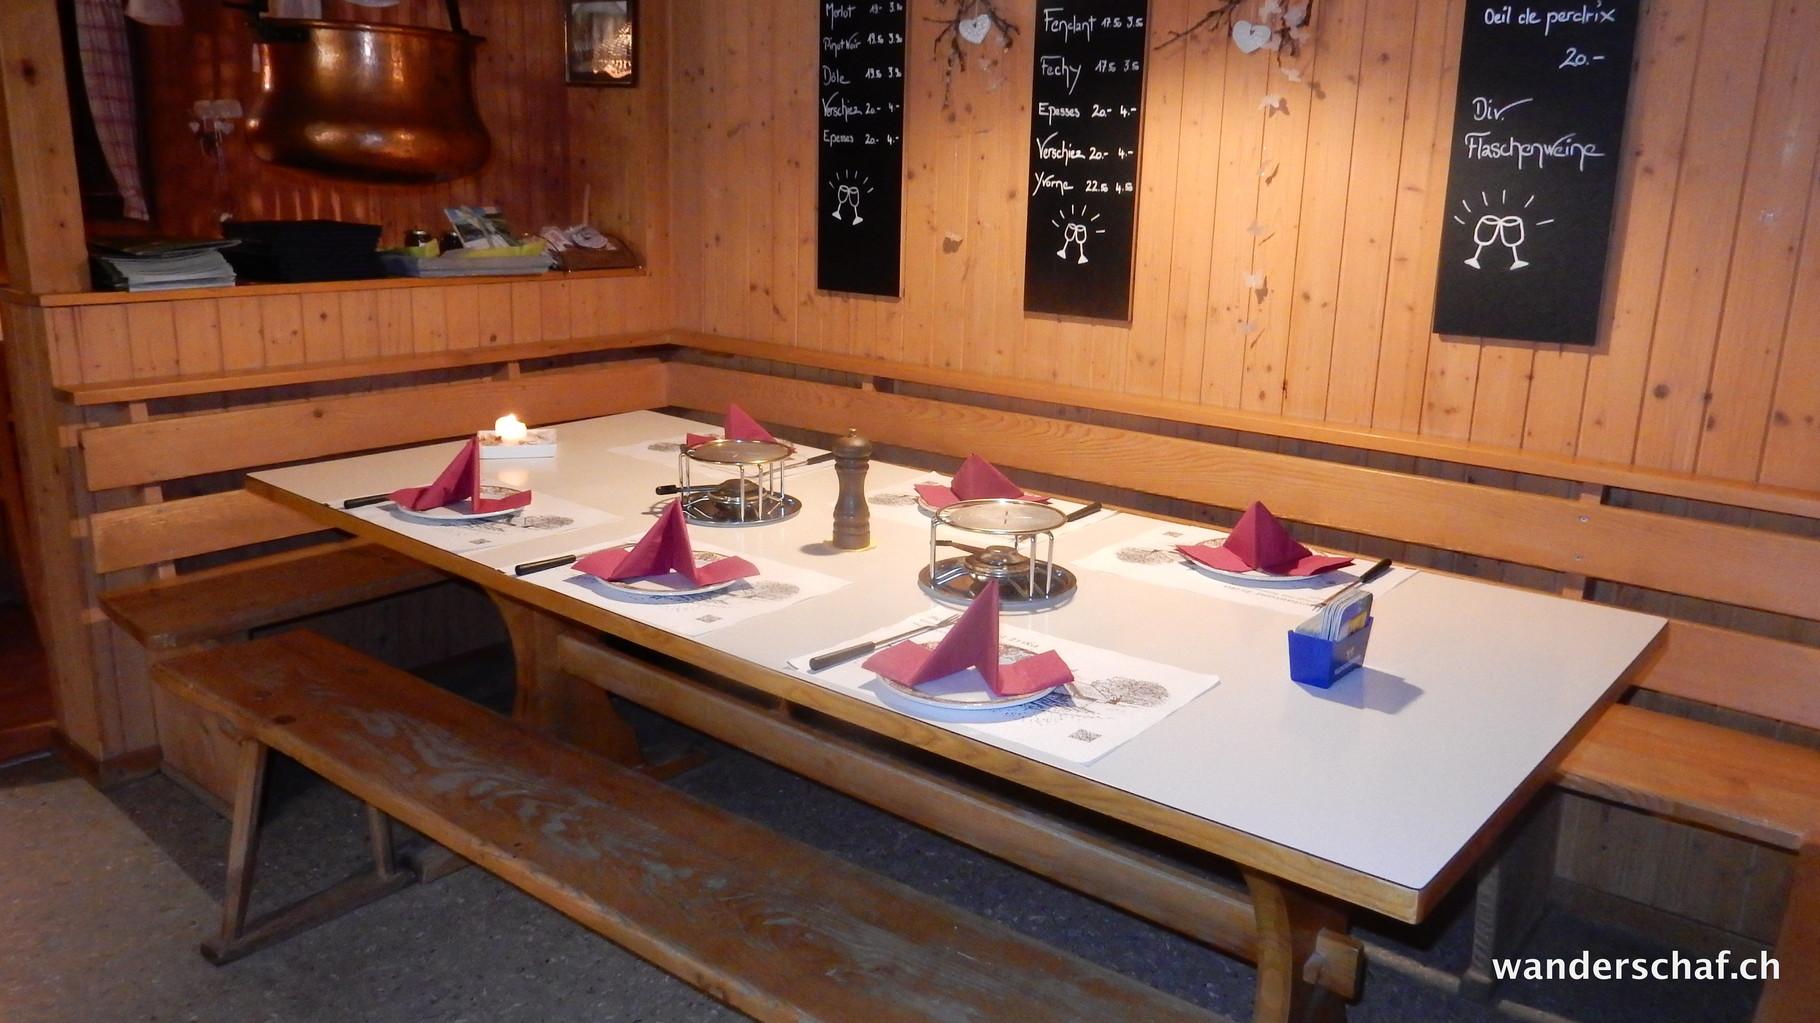 gemütliches Stübli im Geissholle-Beizli....Bergrestaurant Erika